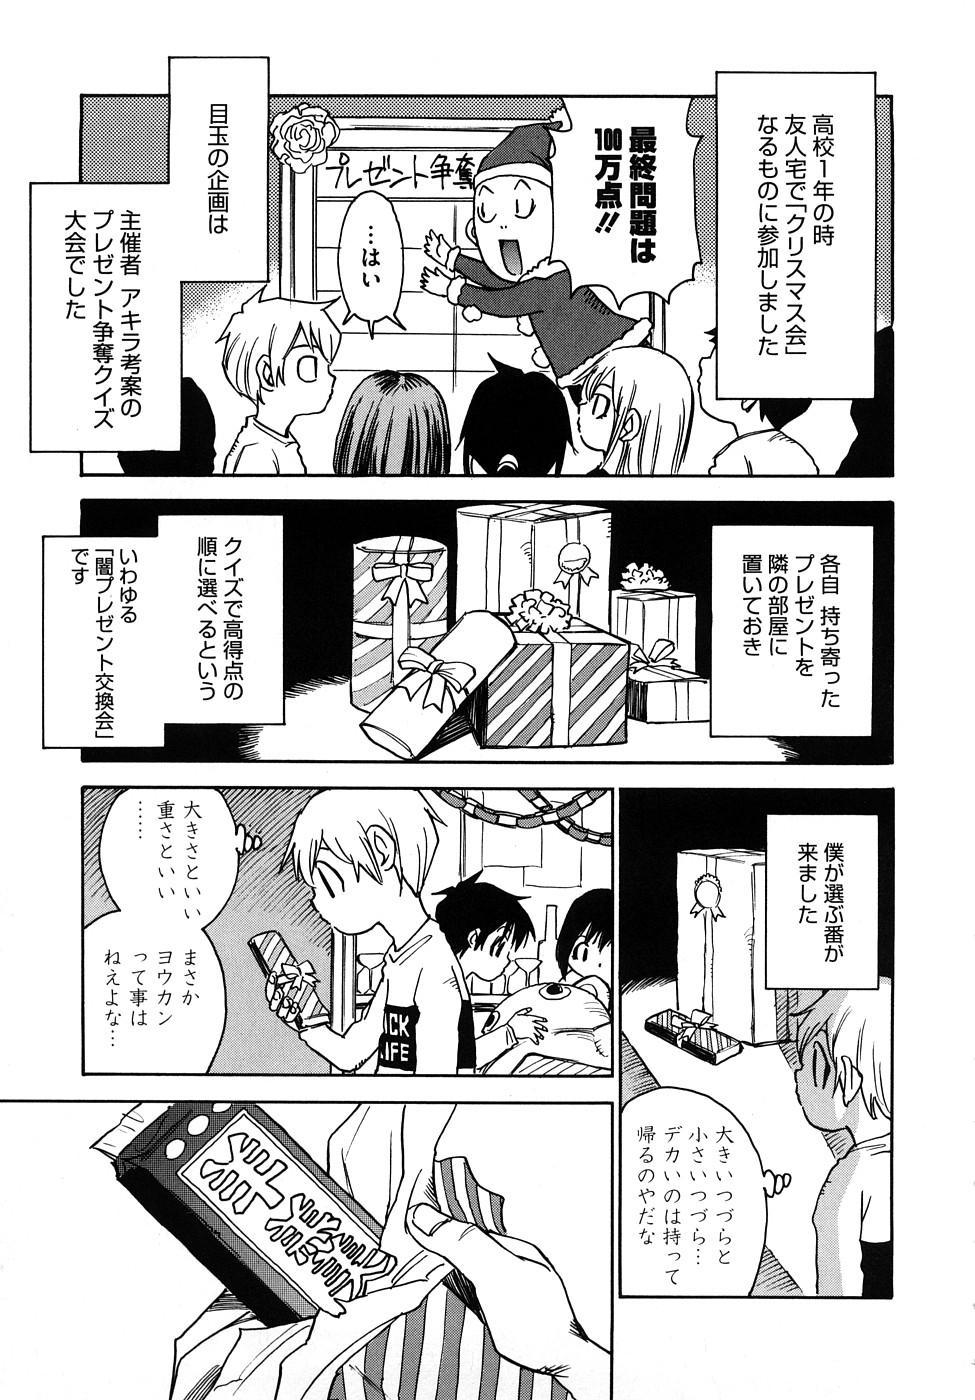 Nanako-san Teki na Nichijou RE 108